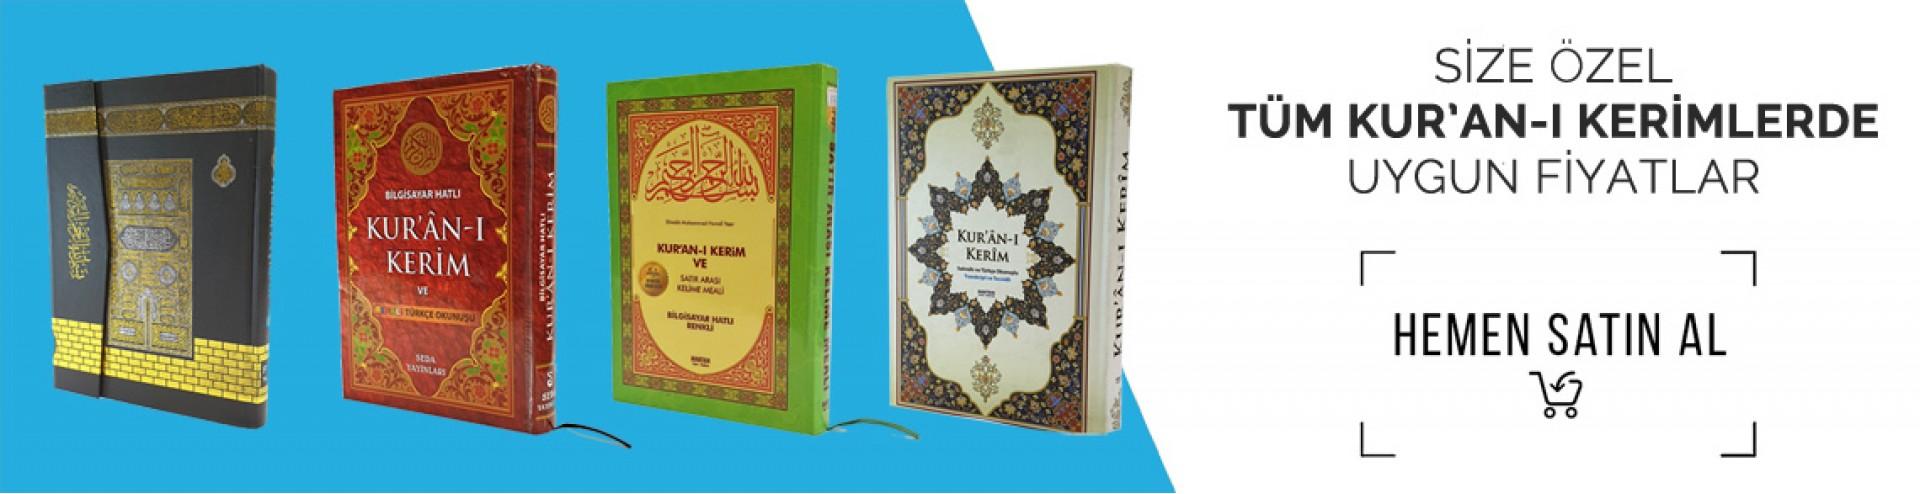 Kur'an-ı Kerim Kampanya